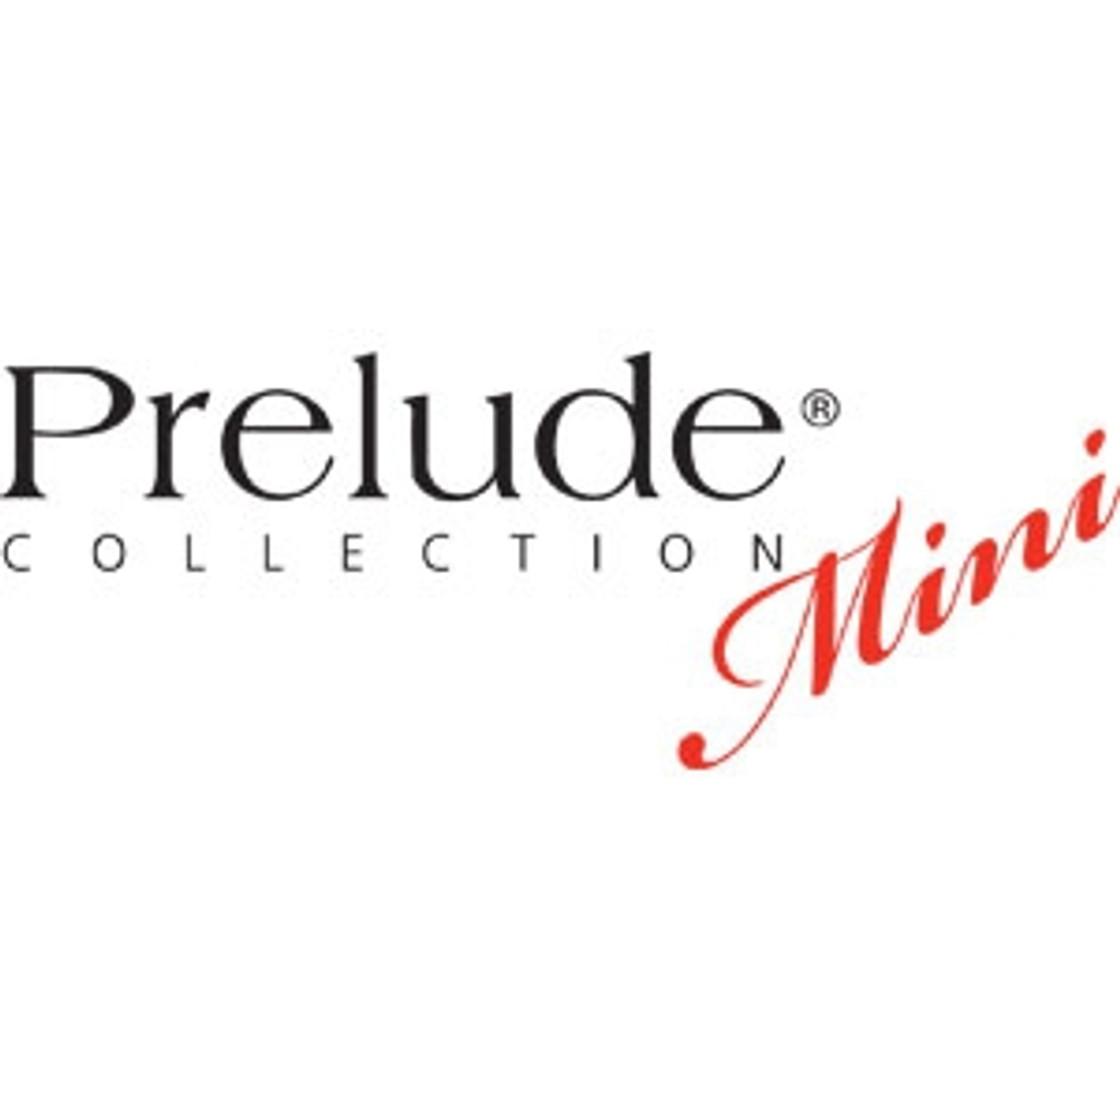 Prelude Mini